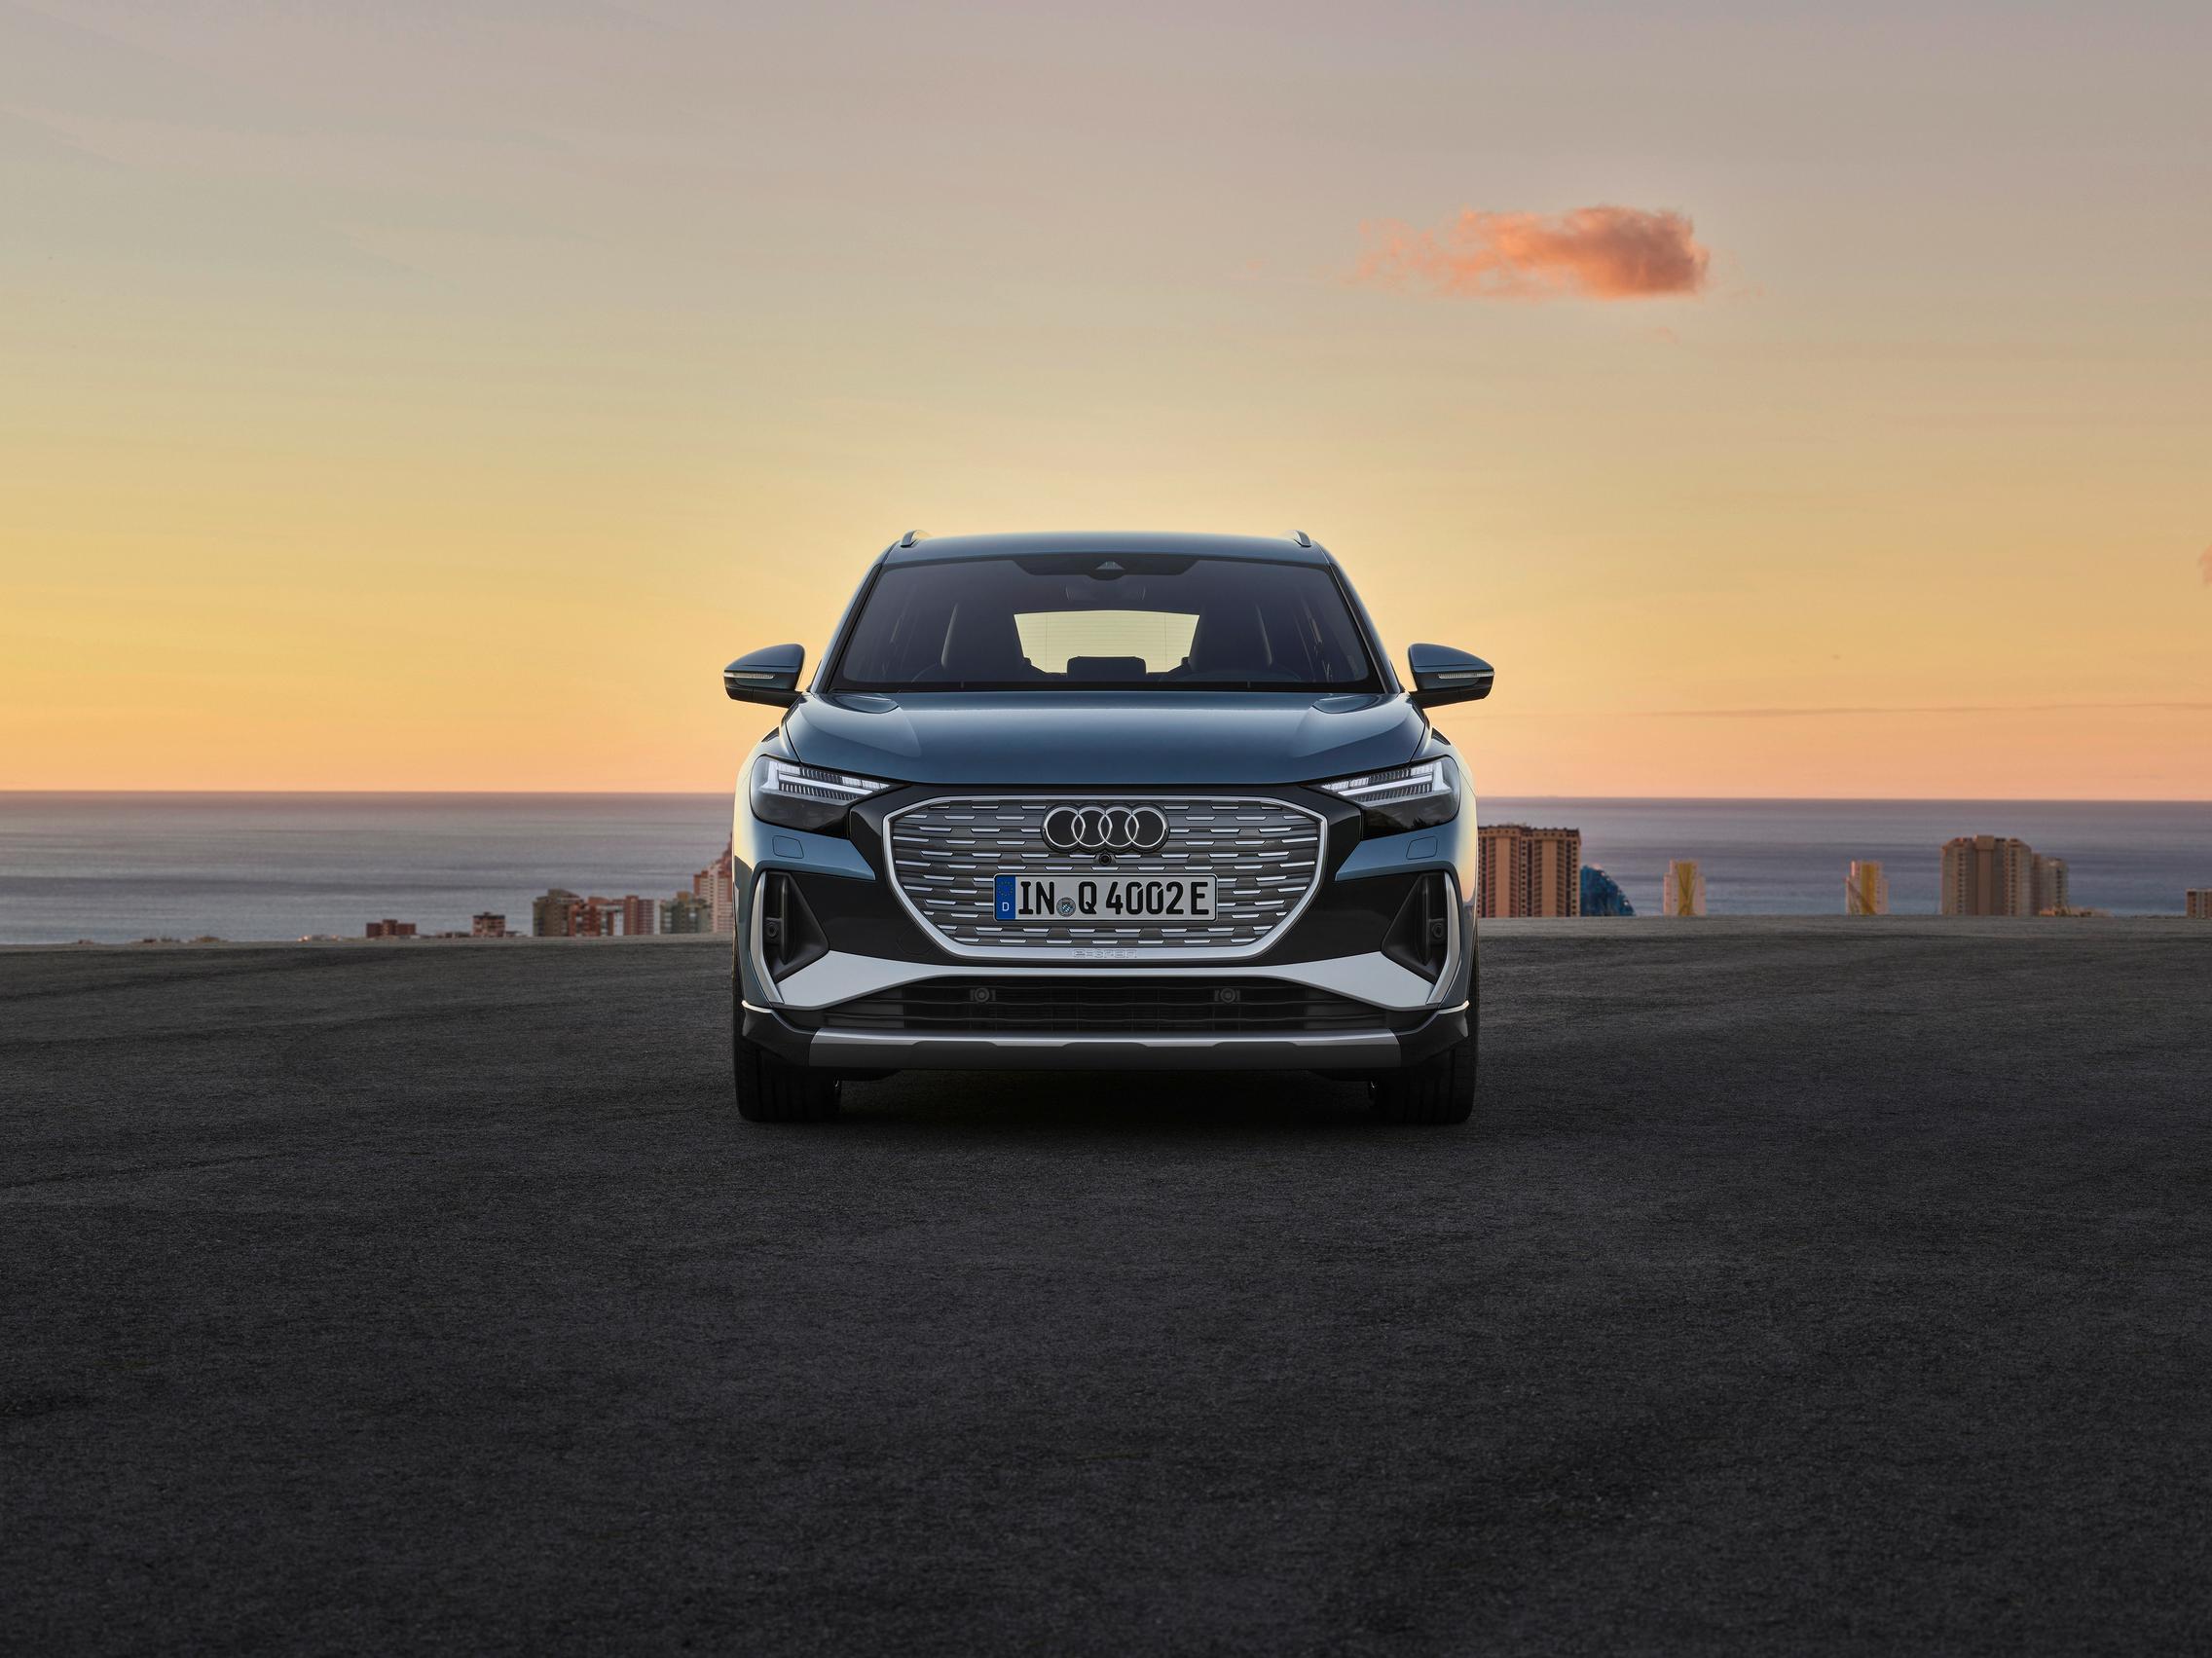 Audi Q4 50 e-tron headlights